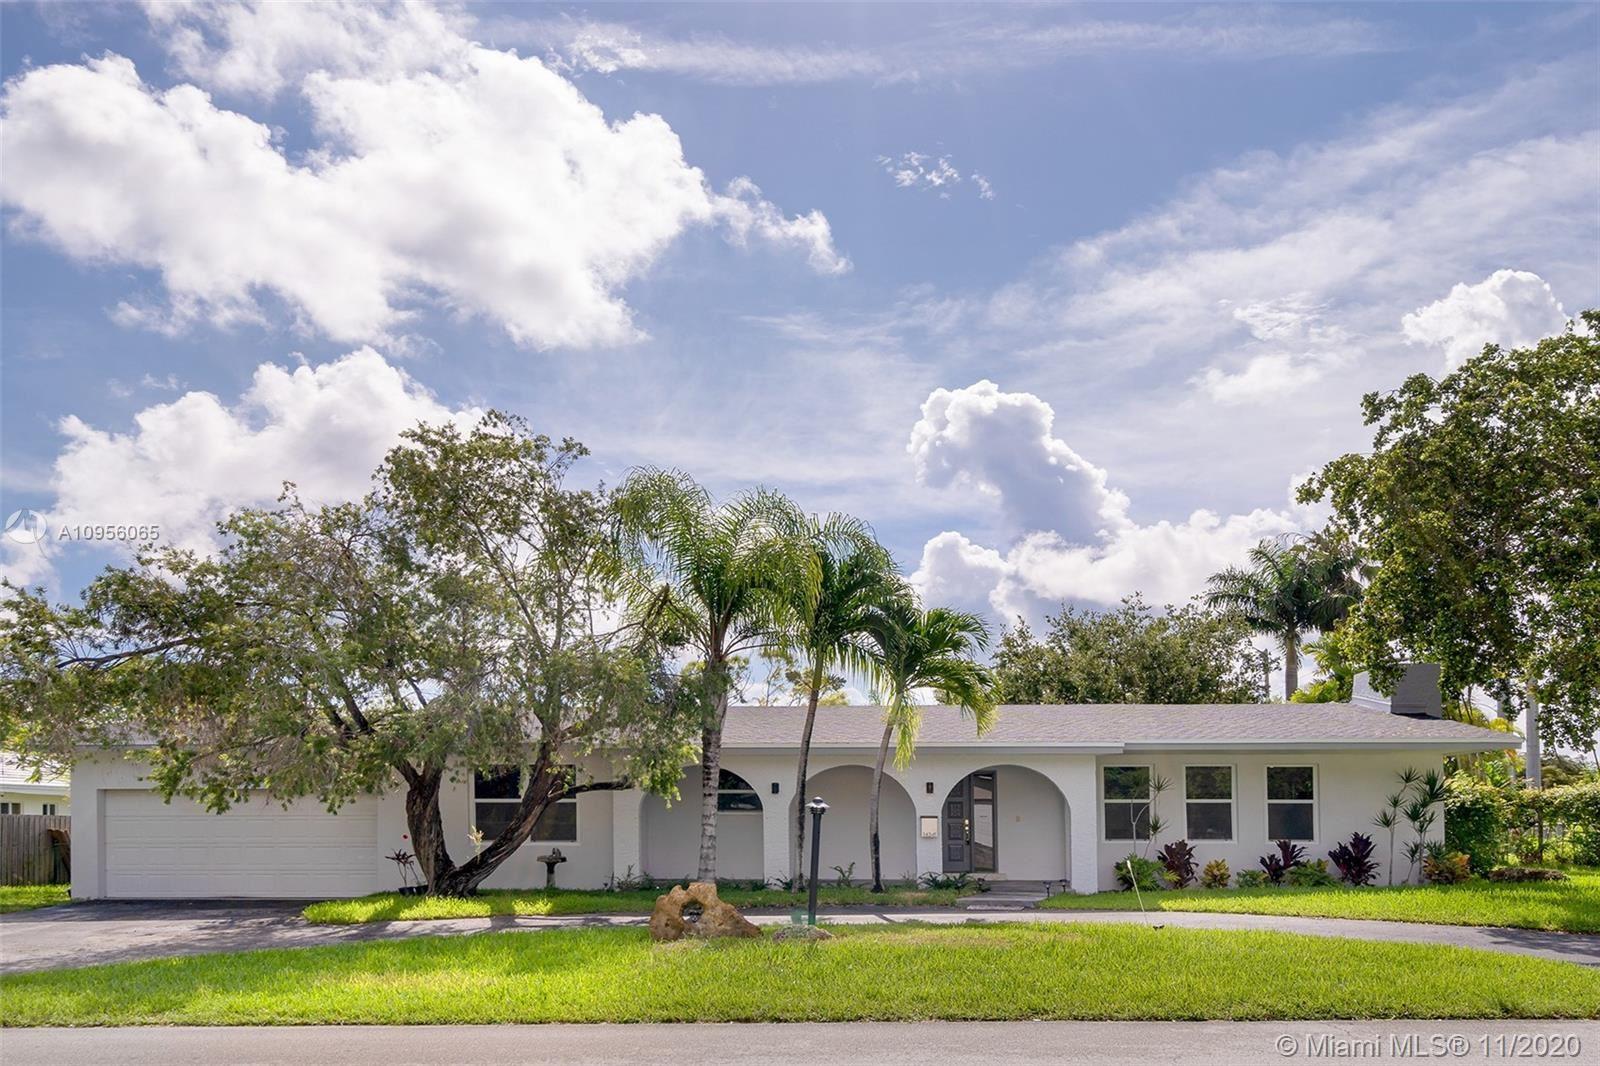 14341 SW 78th Ct, Palmetto Bay, FL 33158 - #: A10956065